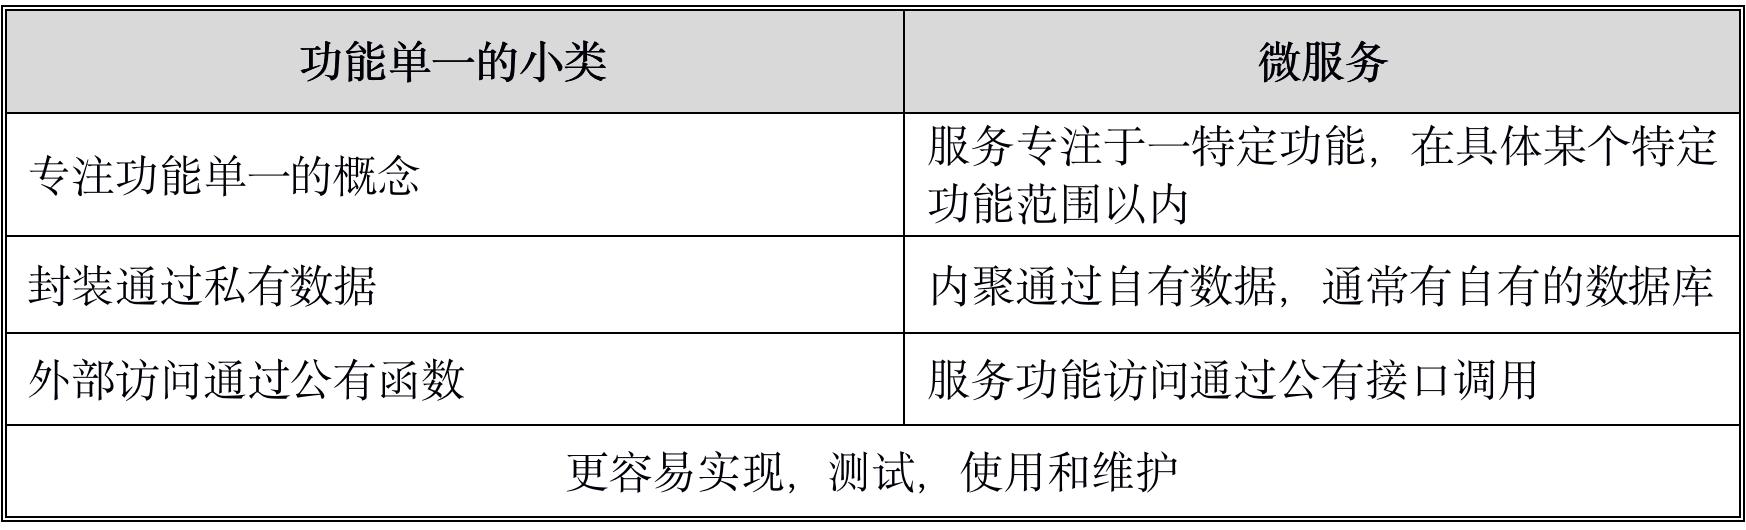 基于容器的微服务架构技术选型与设计